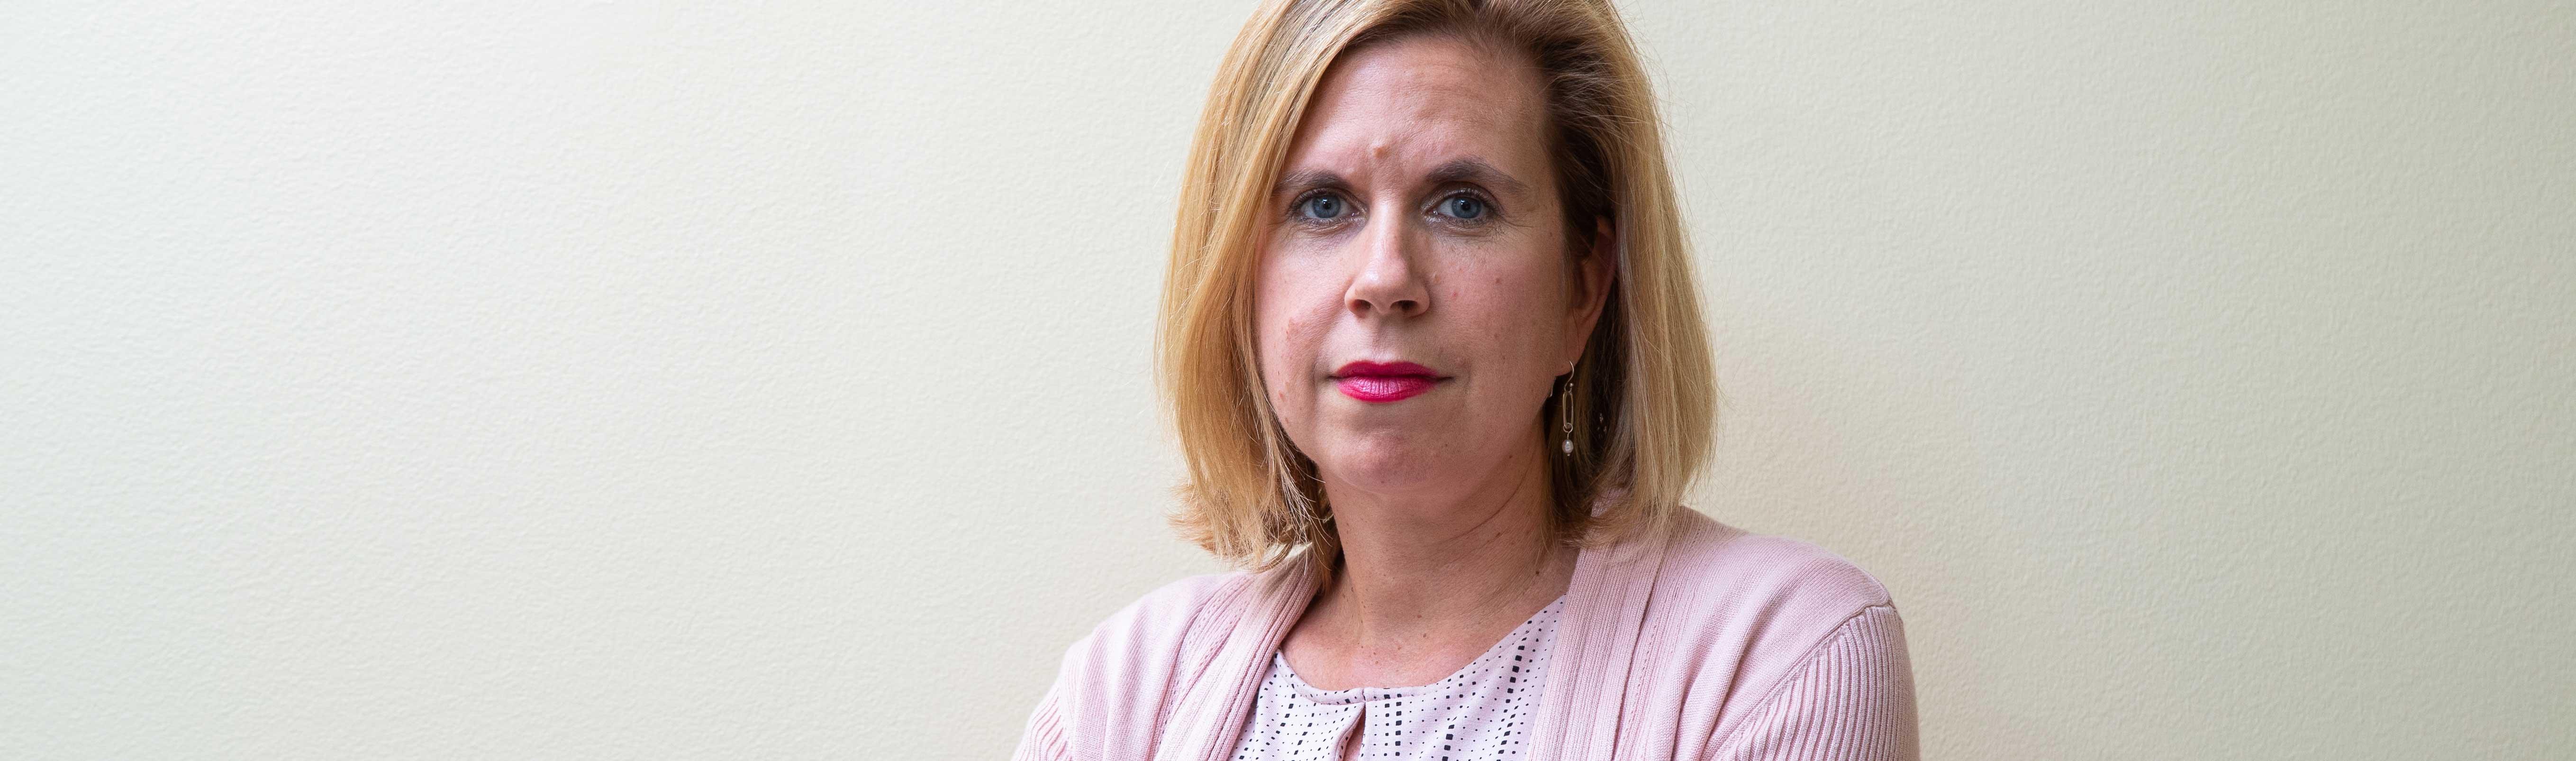 Sarah Schlicher